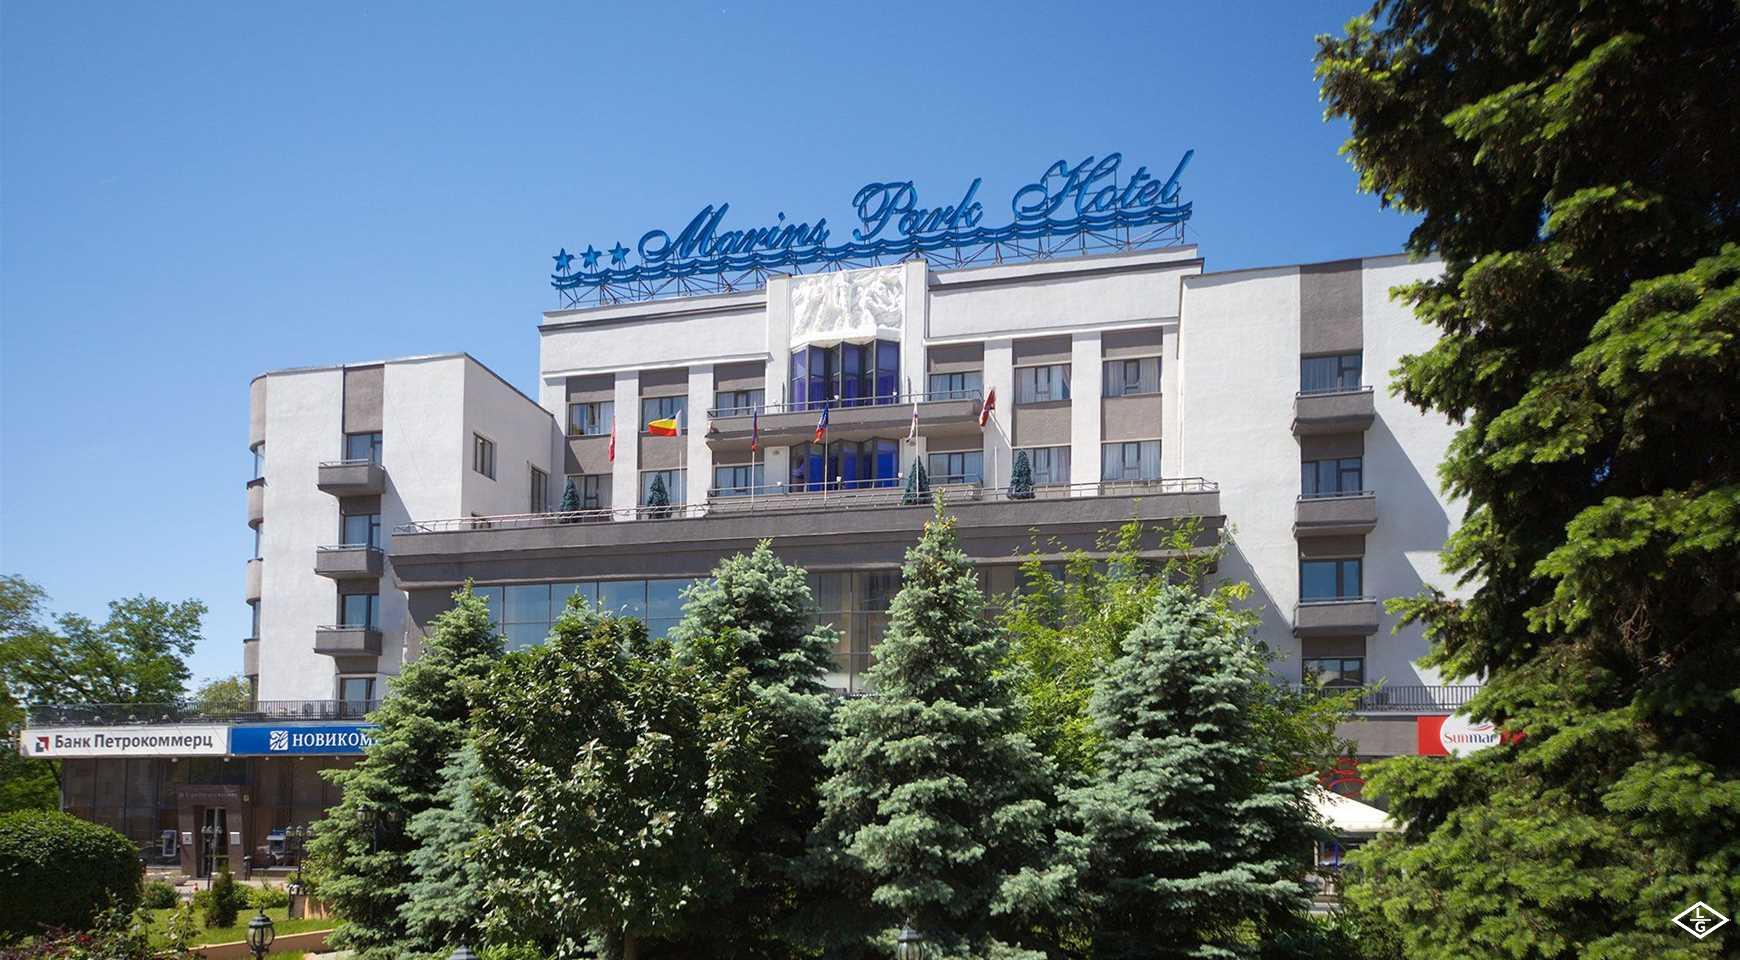 Самый популярный отель Ростова-на-Дону: Маринс парк отель